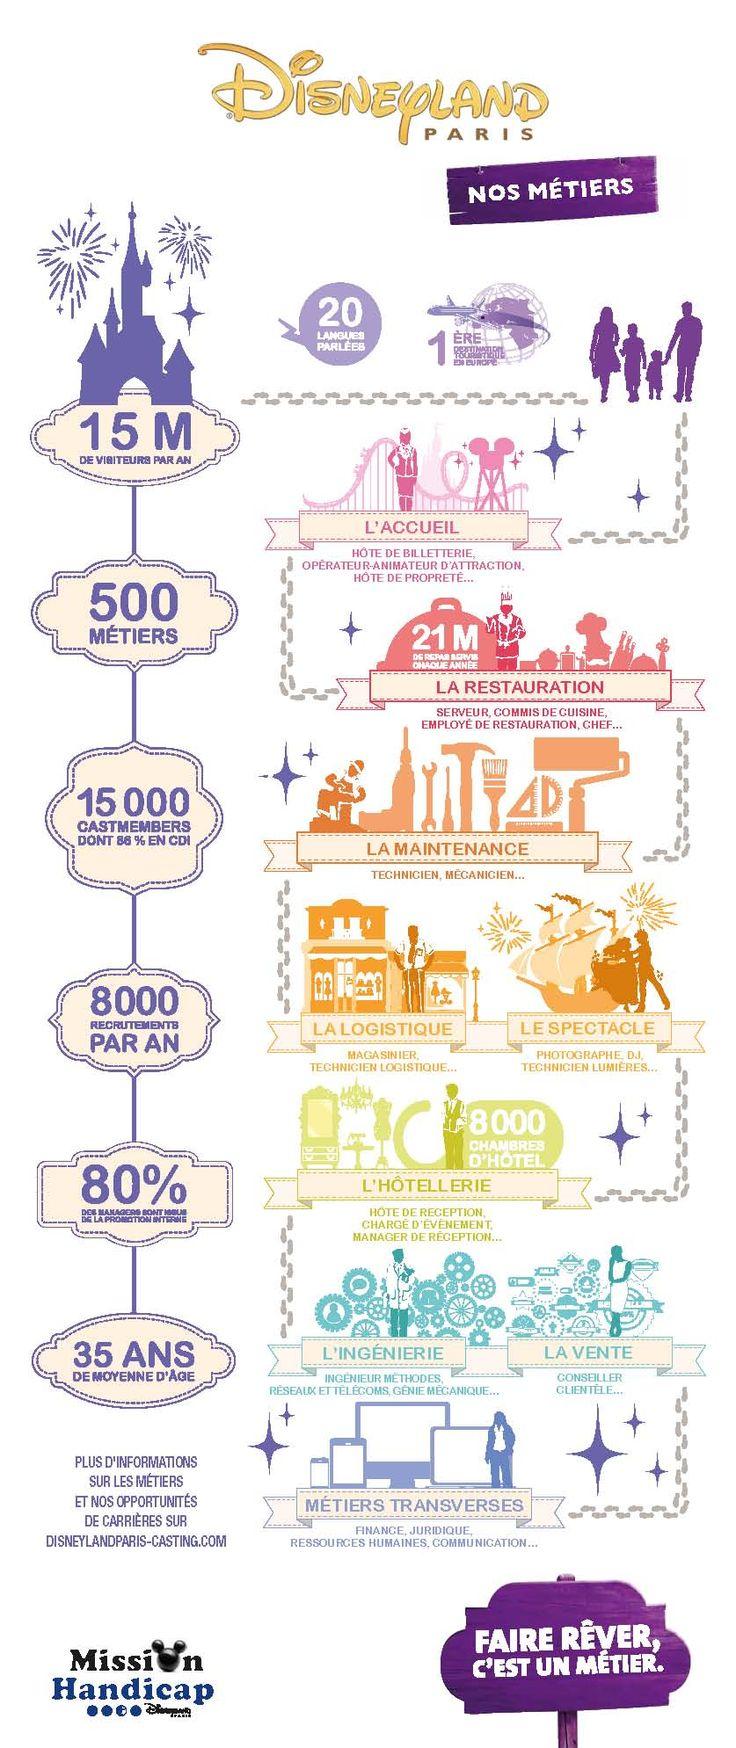 LE SAVIEZ-VOUS ? // Disneyland Paris regroupe plus de 15 000 salariés, 100 nationalités, 20 langues parlées et plus 500 métiers différents !  #accueil #vente #restauration #maintenance #marketing #communication #finance #ingenierie #digital #immobilier #spectacle #logistique #hotellerie et bien d'autres encore !  #emploi #job #disney #disneylandparis #careers #recrutement #jobs #infographie #infography